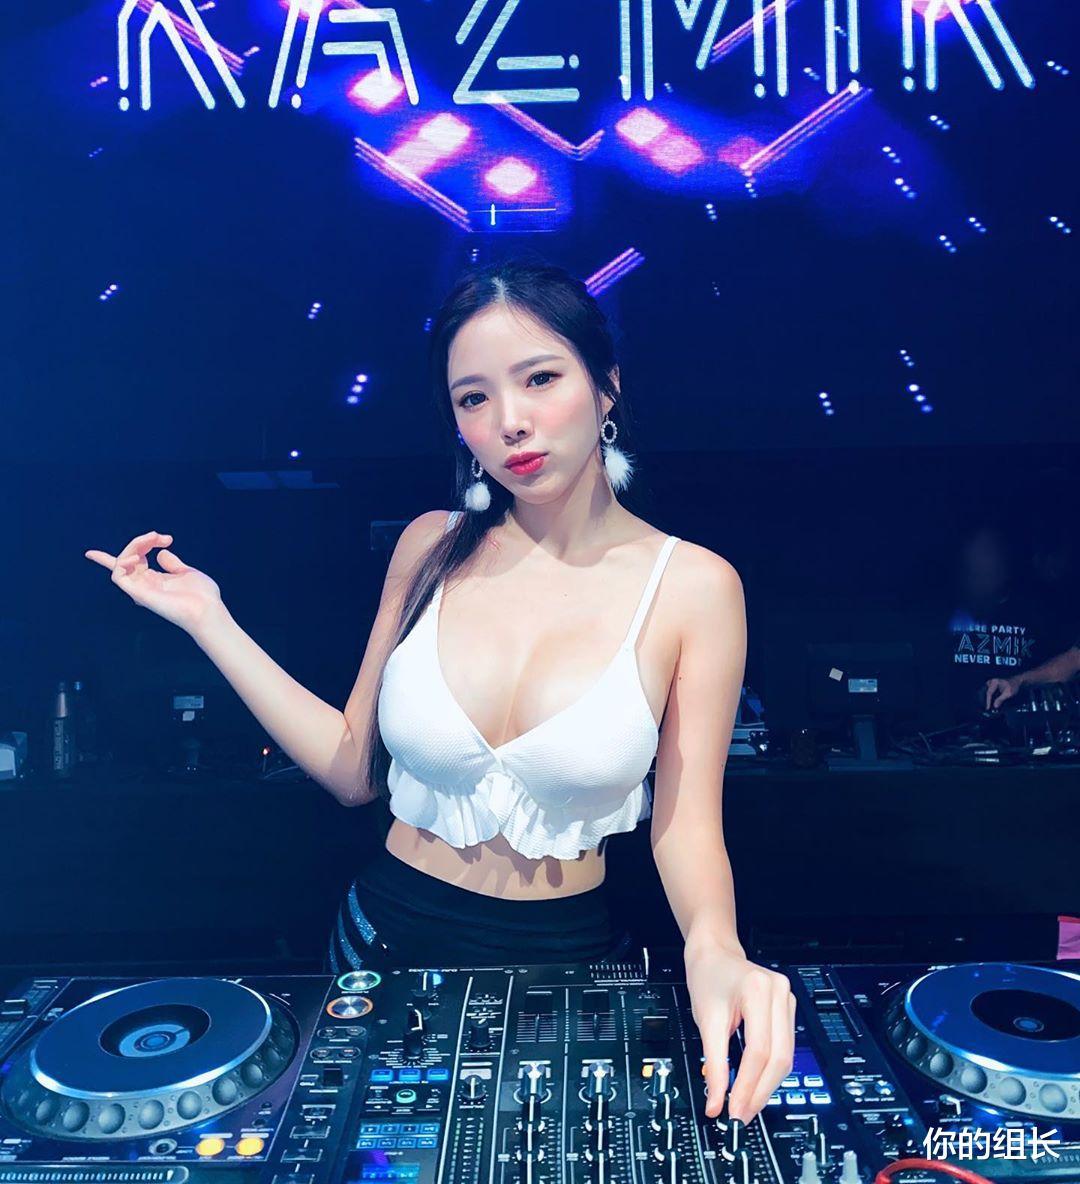 超性感美女DJ晒演出服, 小皮衣配性感皮裤太诱人